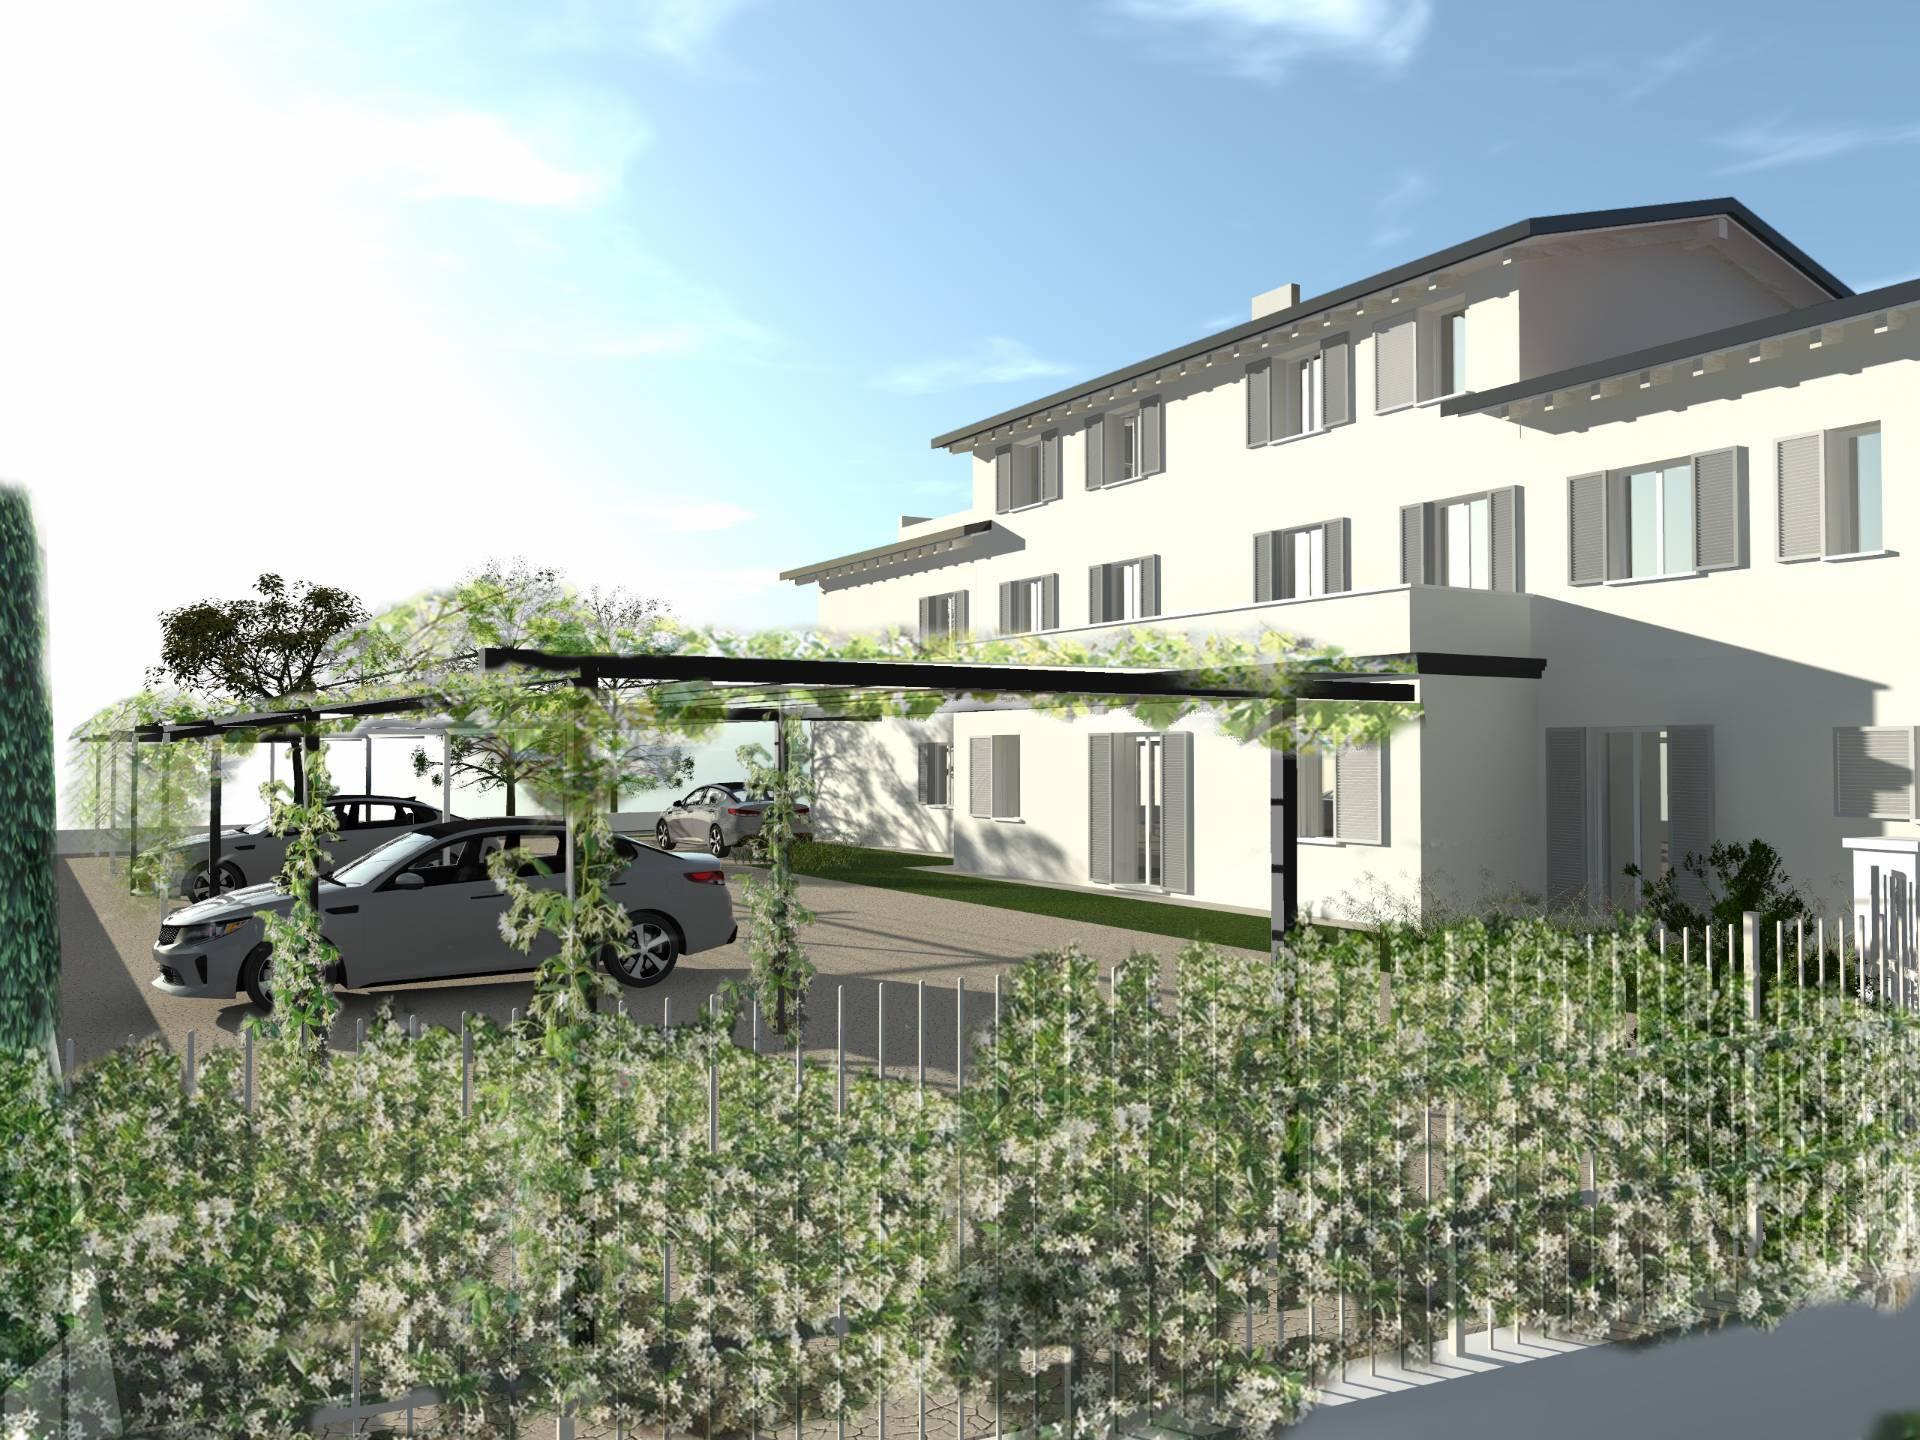 Appartamento in vendita a Sirmione, 3 locali, zona na, prezzo € 440.000 | PortaleAgenzieImmobiliari.it